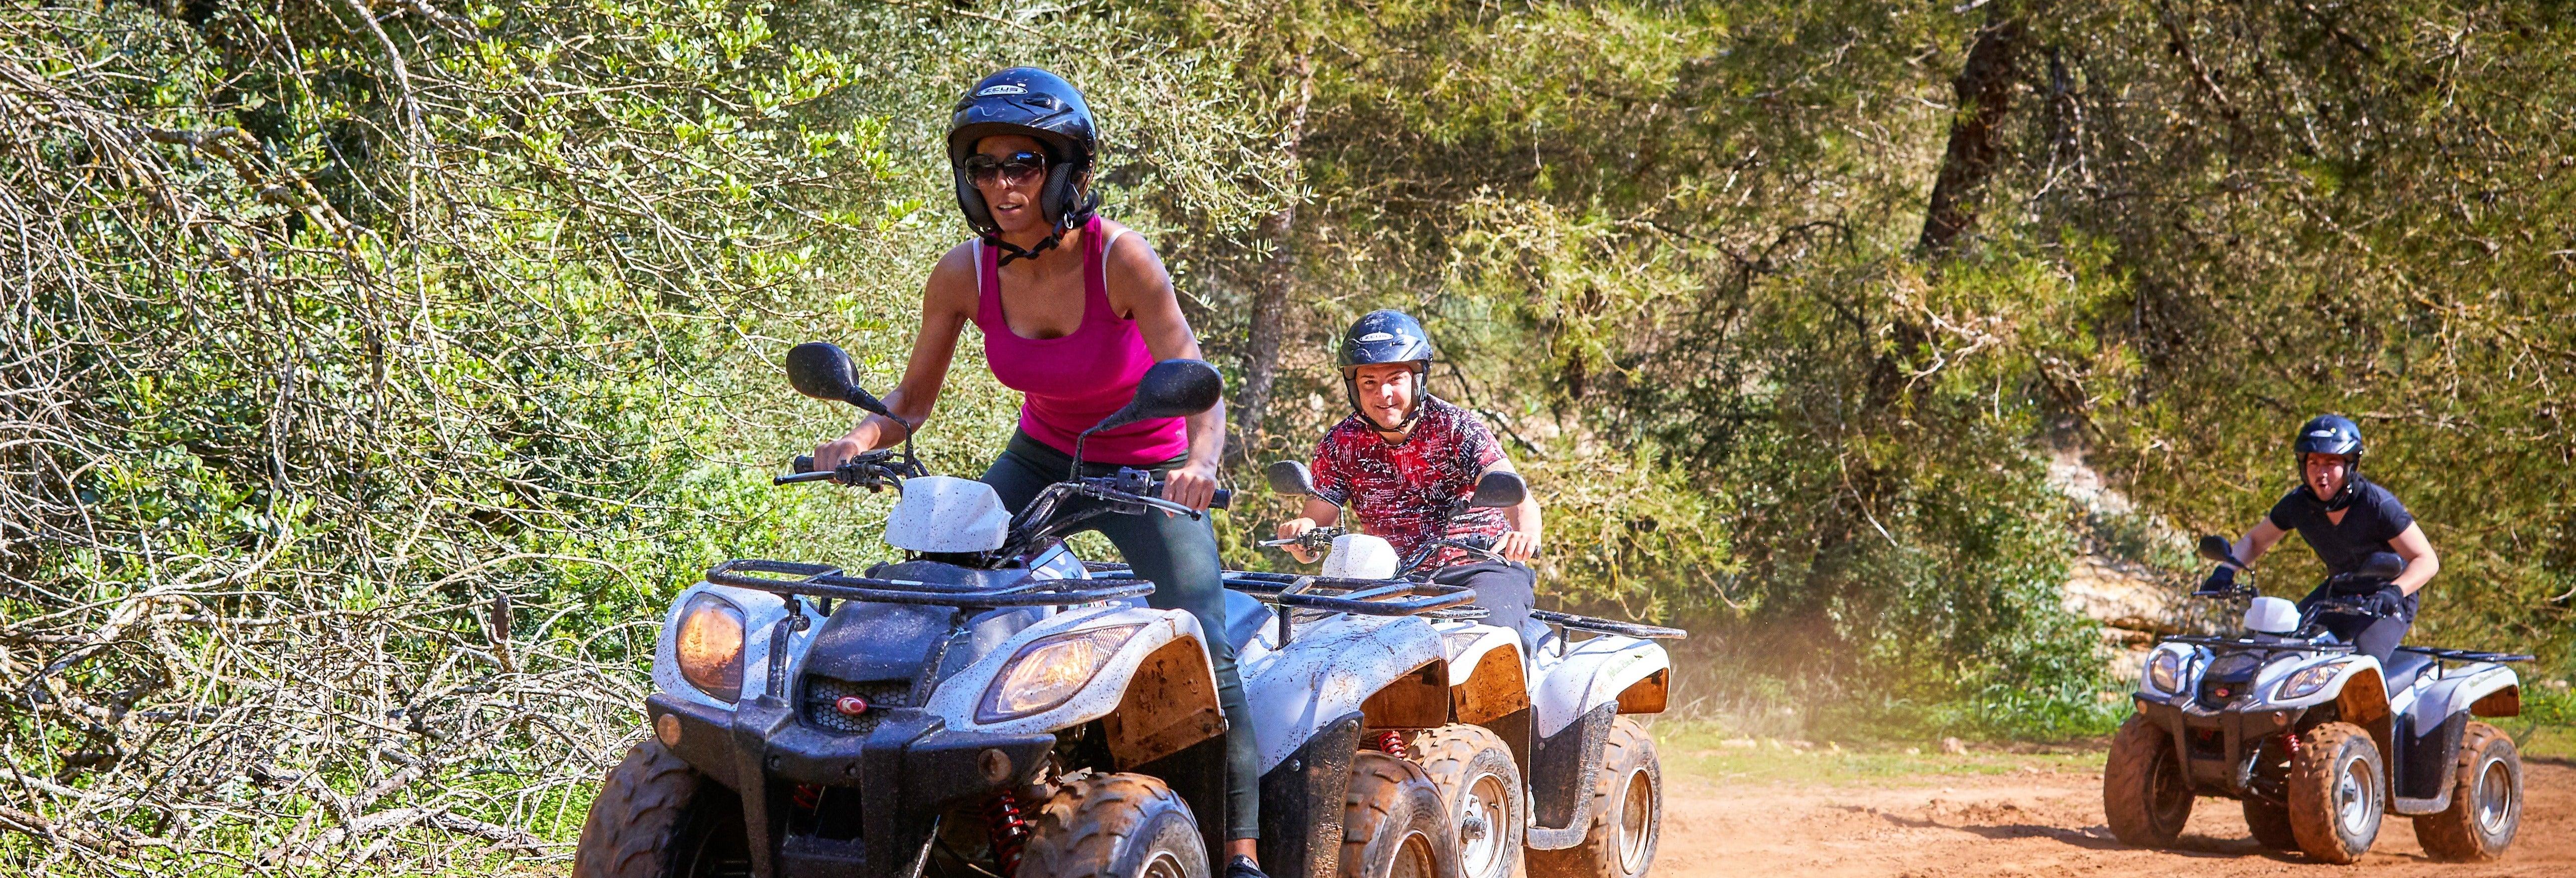 Tour en quad por Mallorca + Snorkel desde Palma